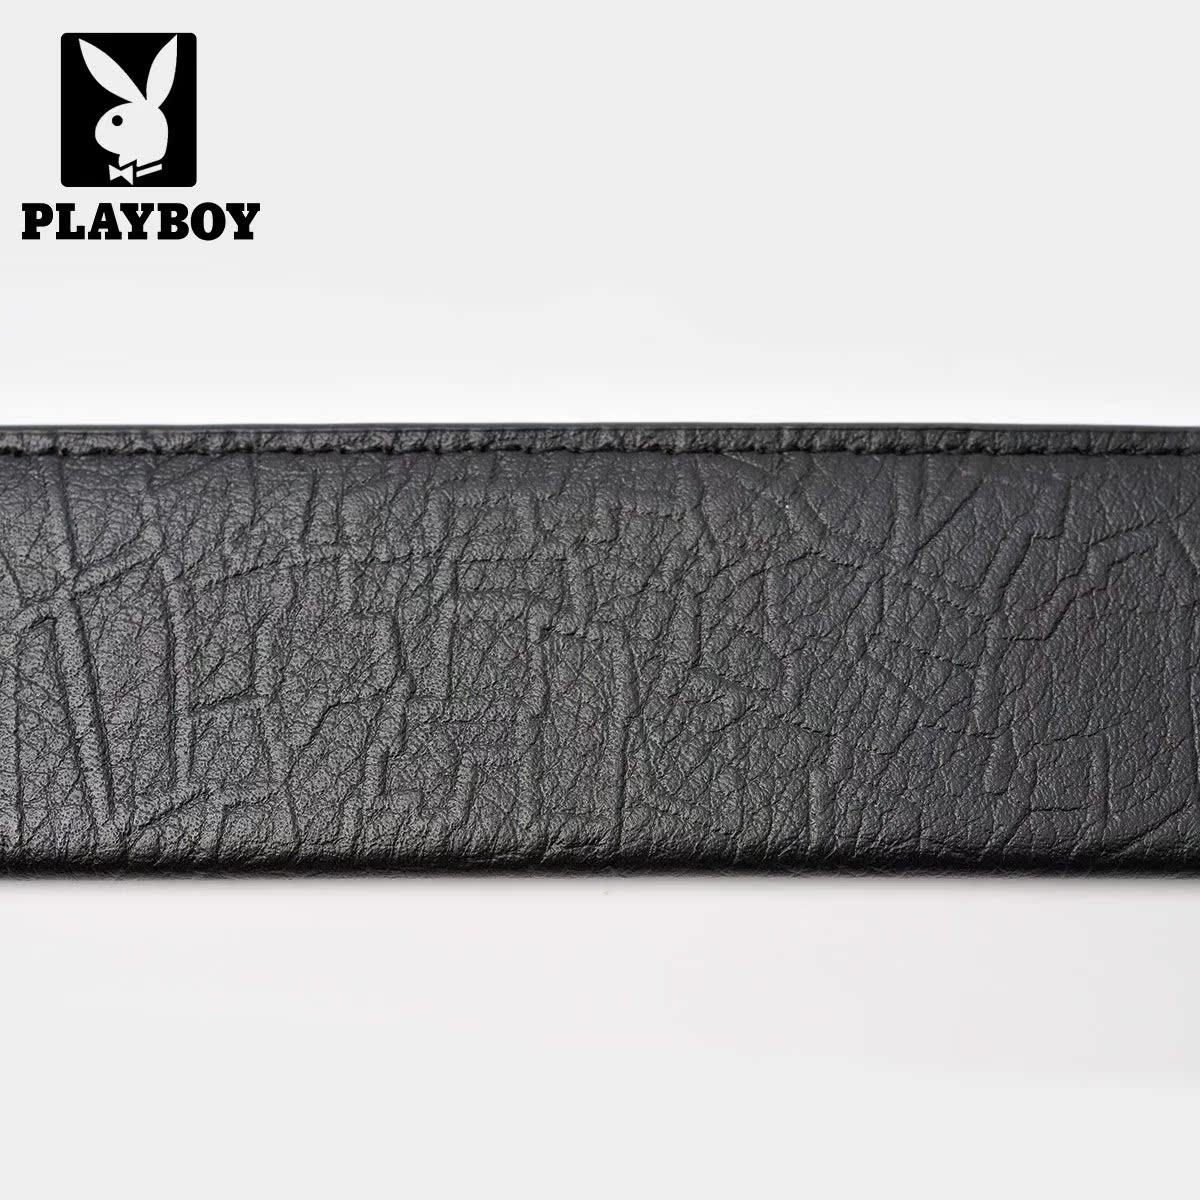 Ремень Playboy pdf0021/11bf